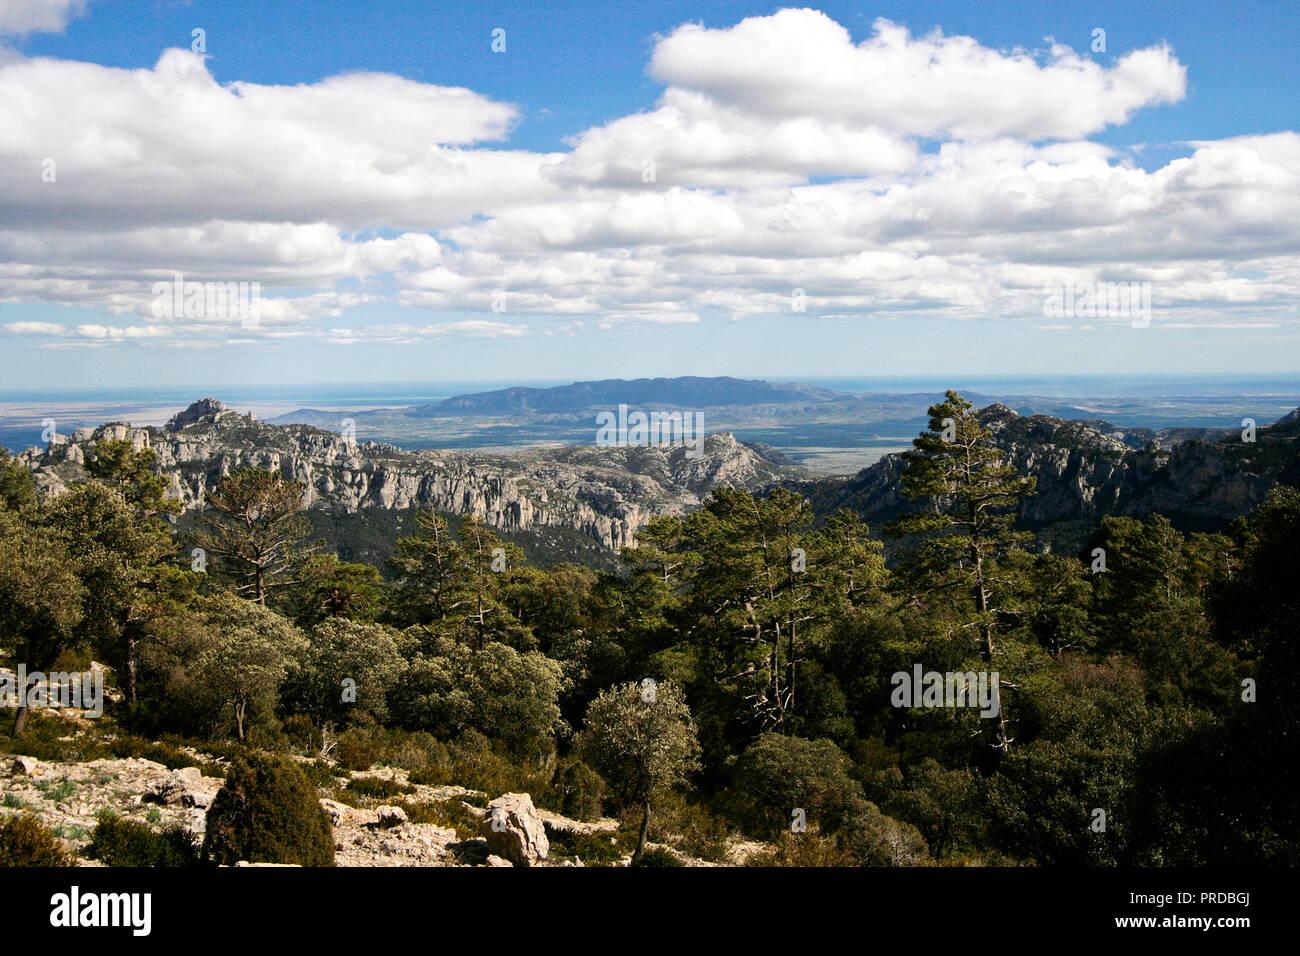 Mas de Barberans. Els Ports Natural Park; Montsia Region; Tarragona Province; Catalonia; Spain. - Stock Image